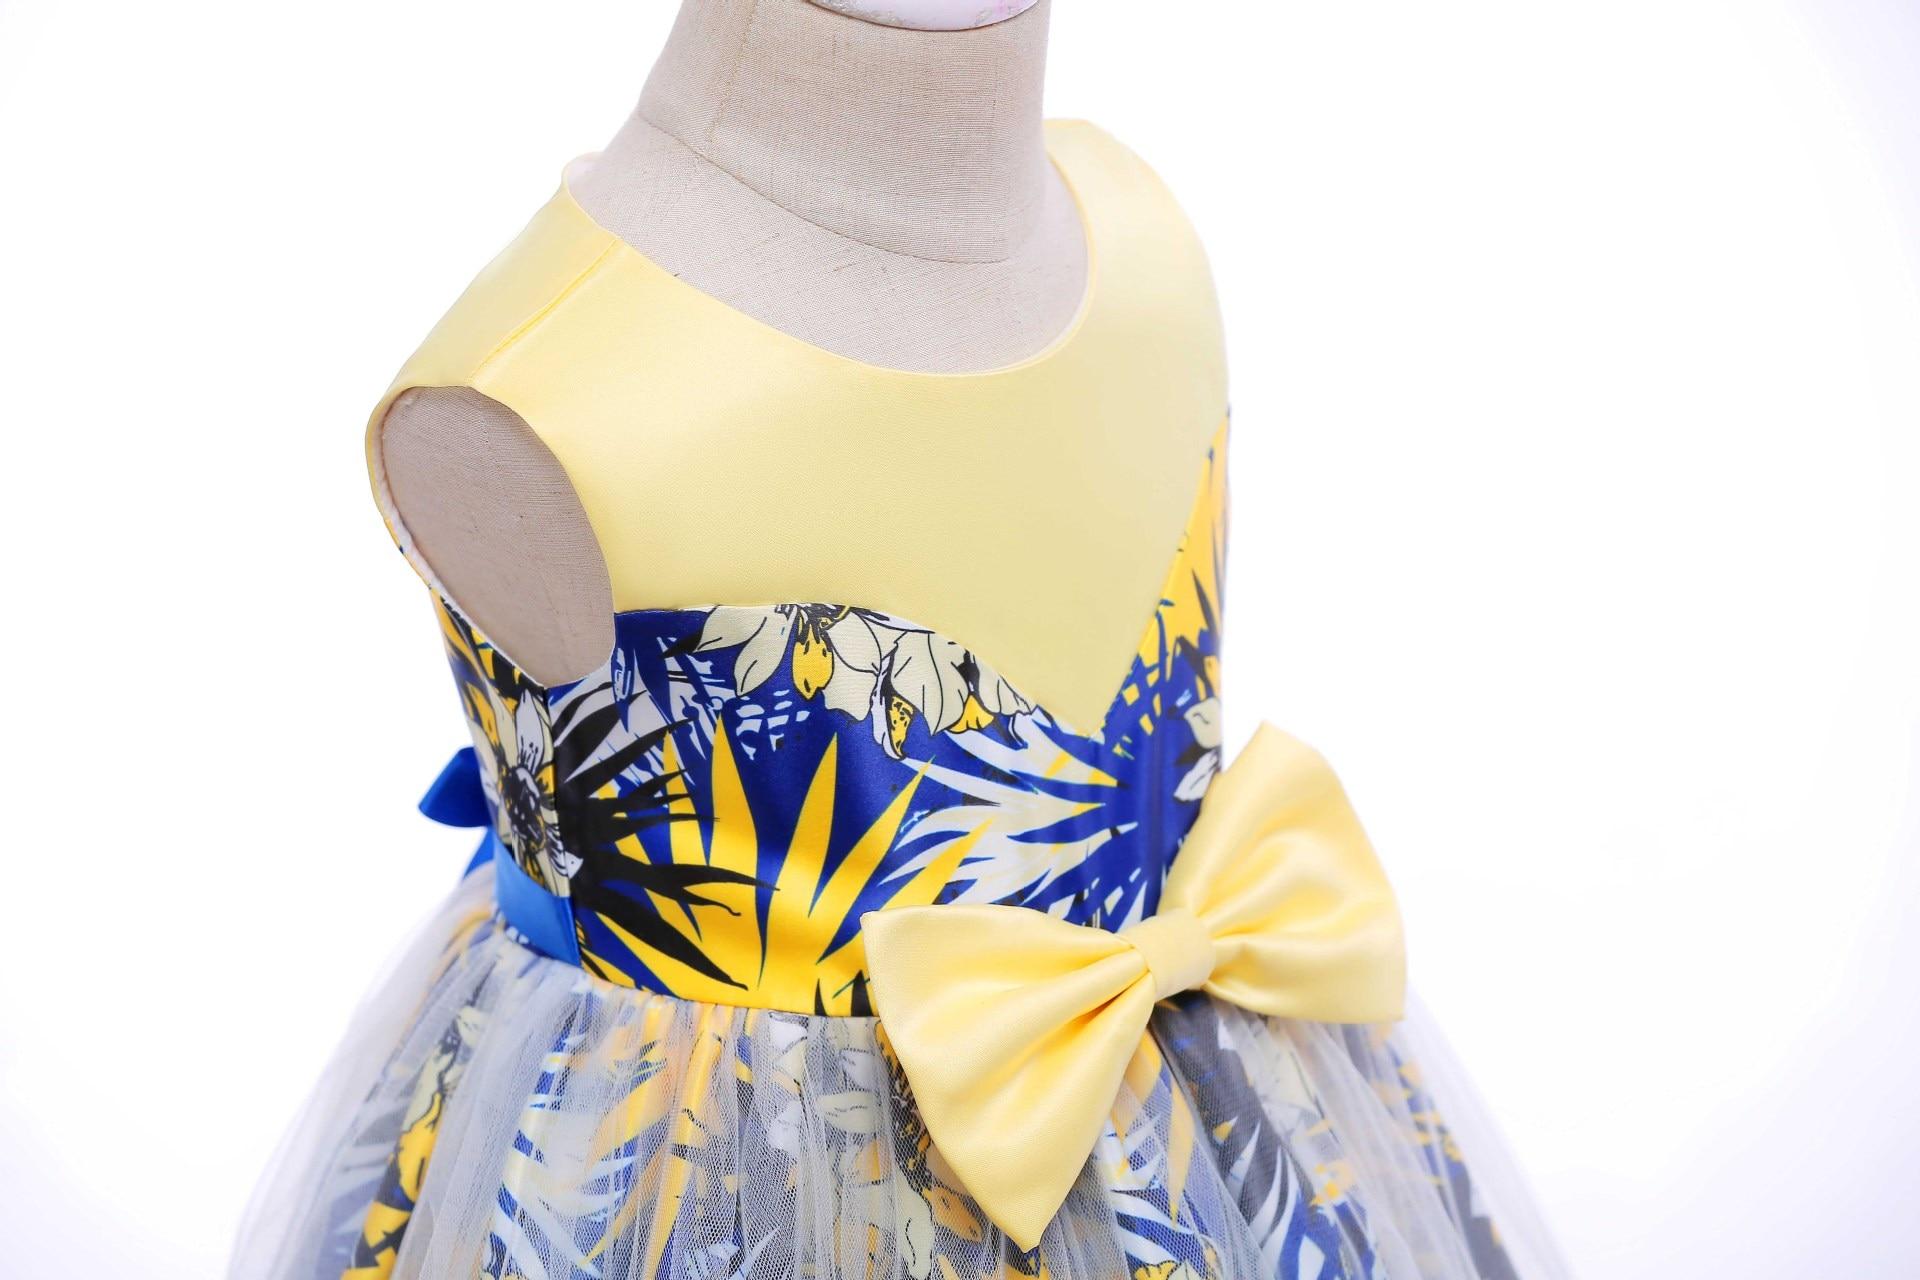 HIBYHOBY 2018 Ny sommarflicka Ärmlös prinsessa klänning ... bd879f337932c